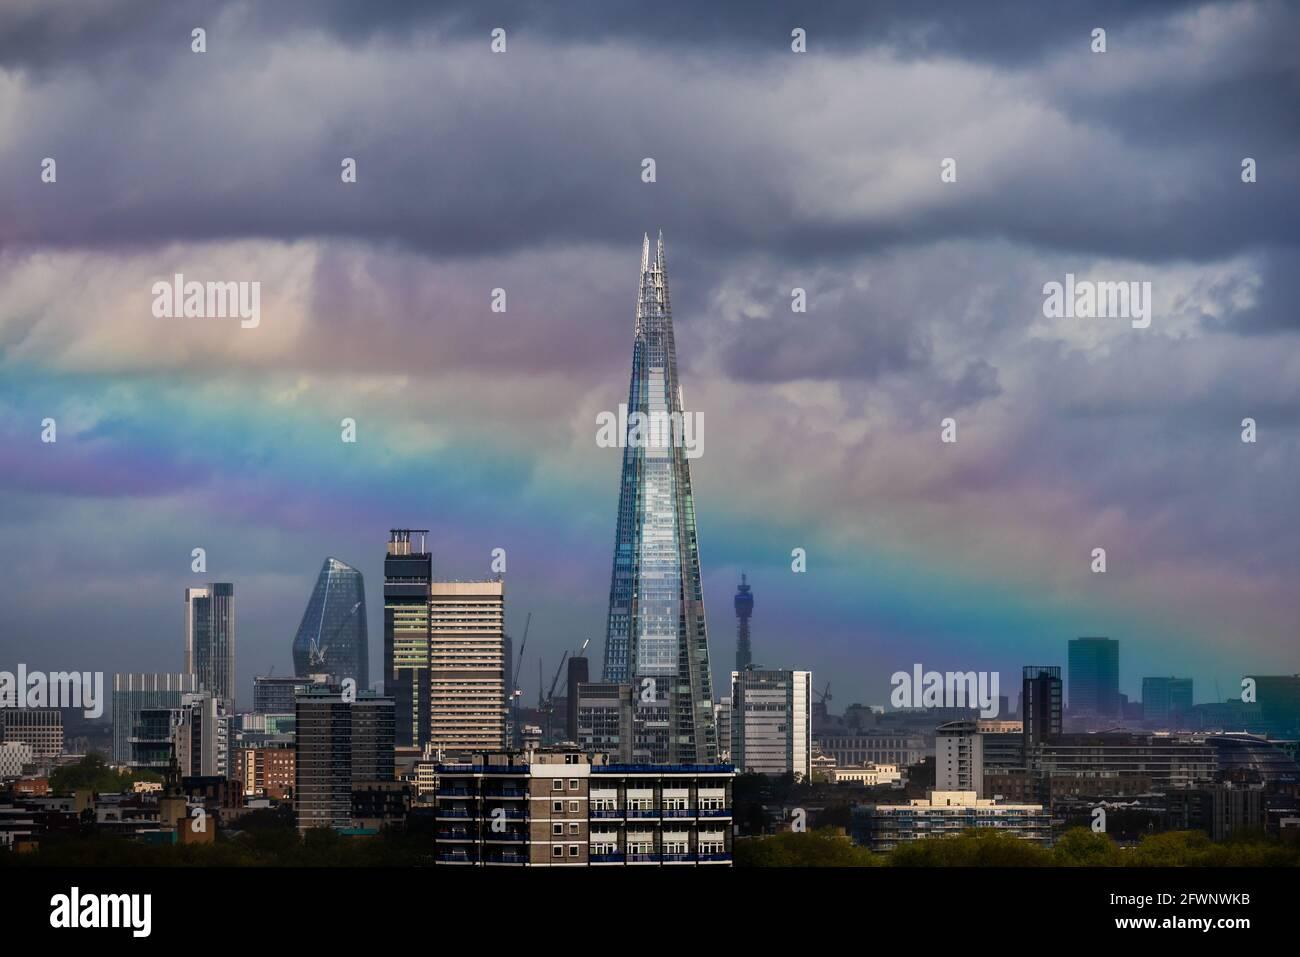 Londres, Royaume-Uni. 24 mai 2021. Météo au Royaume-Uni : un énorme arc-en-ciel se brise au-dessus du gratte-ciel de Shard après une brève tempête matinale. Credit: Guy Corbishley/Alamy Live News Banque D'Images